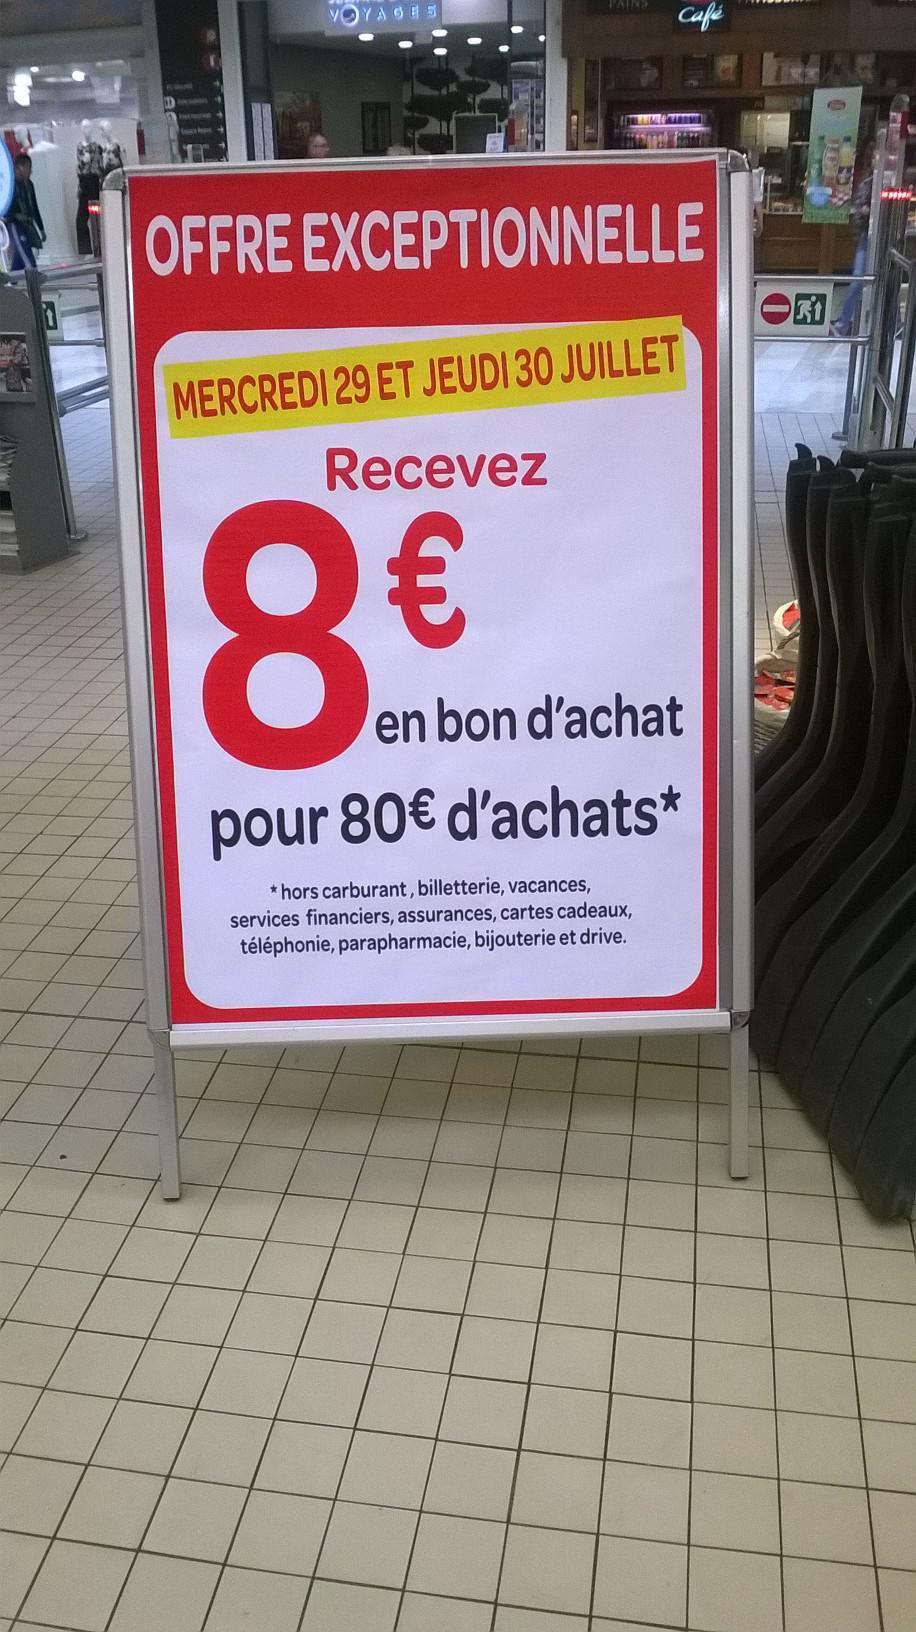 8€ offerts en bon d'achat dès 80€ d'achats (hors carburants, cartes cadeaux, téléphonie...)